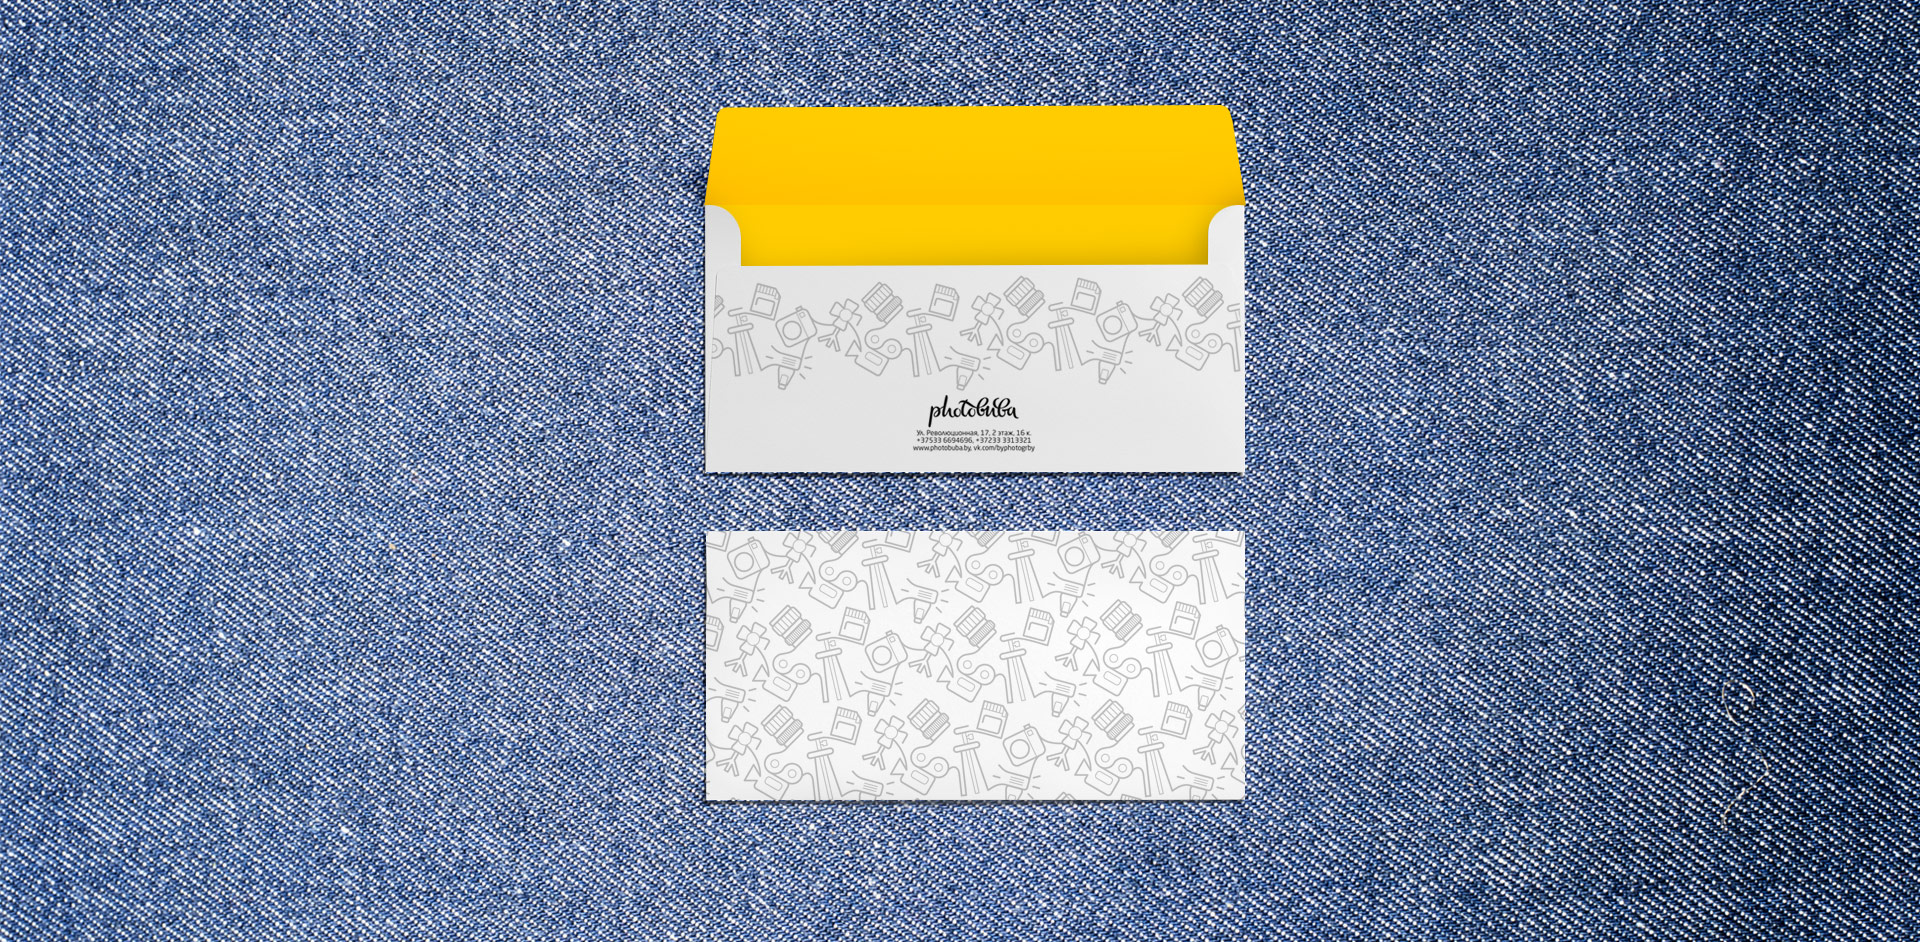 Photobuba-дизайн-деловой-документации